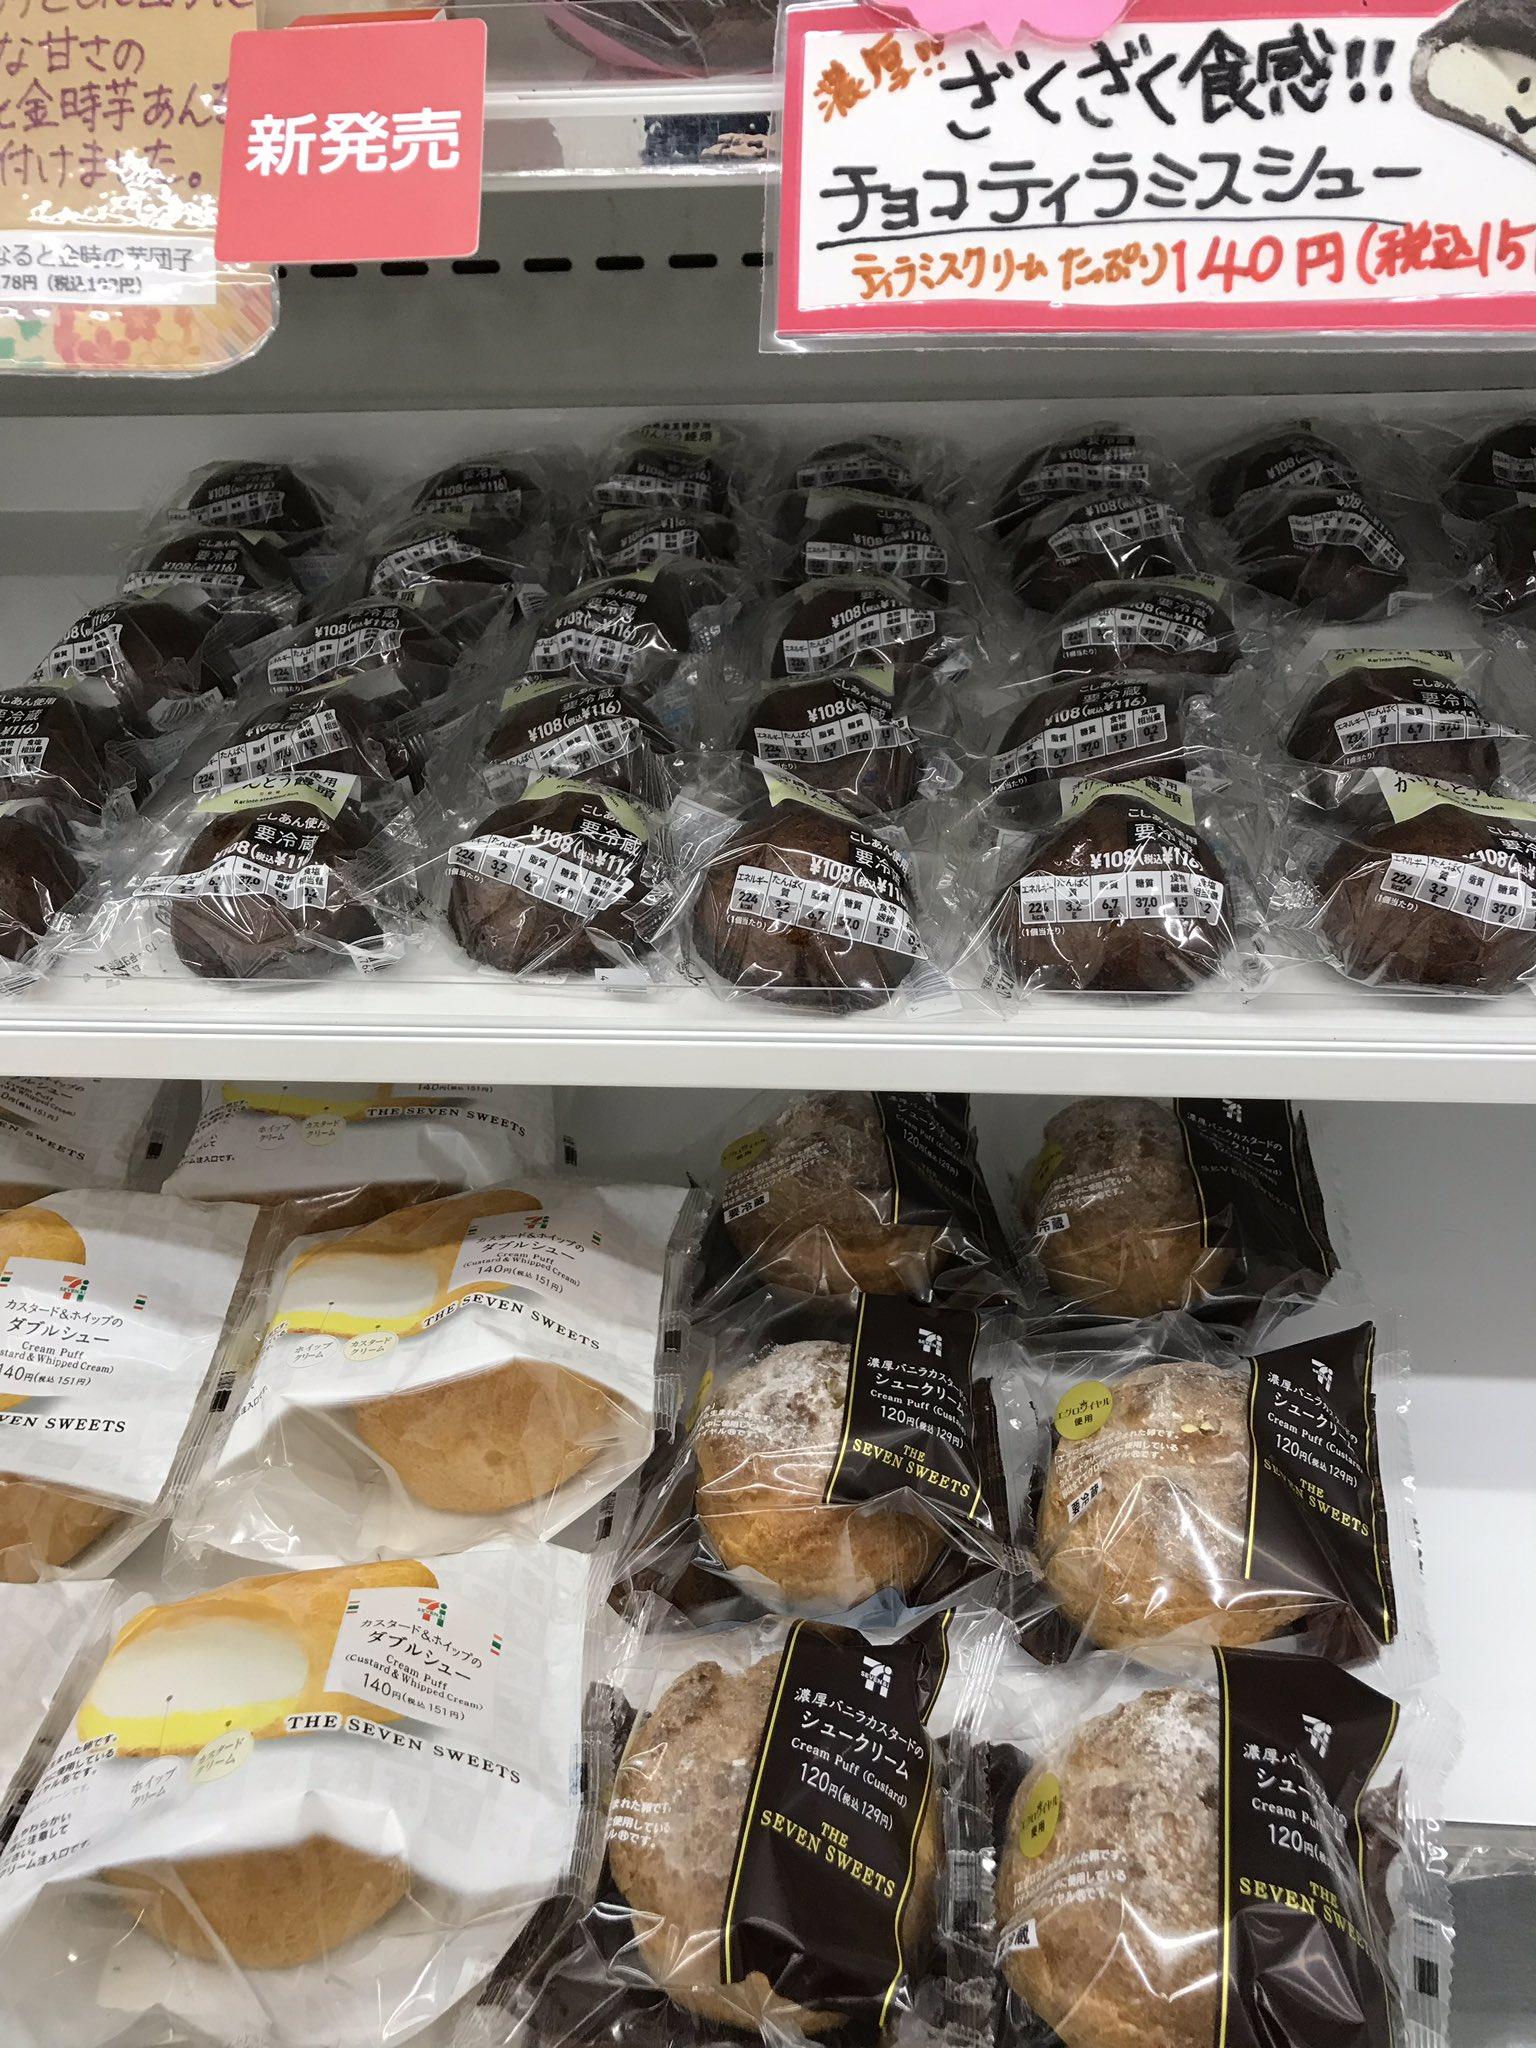 愛知にあるセブンの店長、かりんとう饅頭を94個発注ミス!夜勤5日目でやらかす